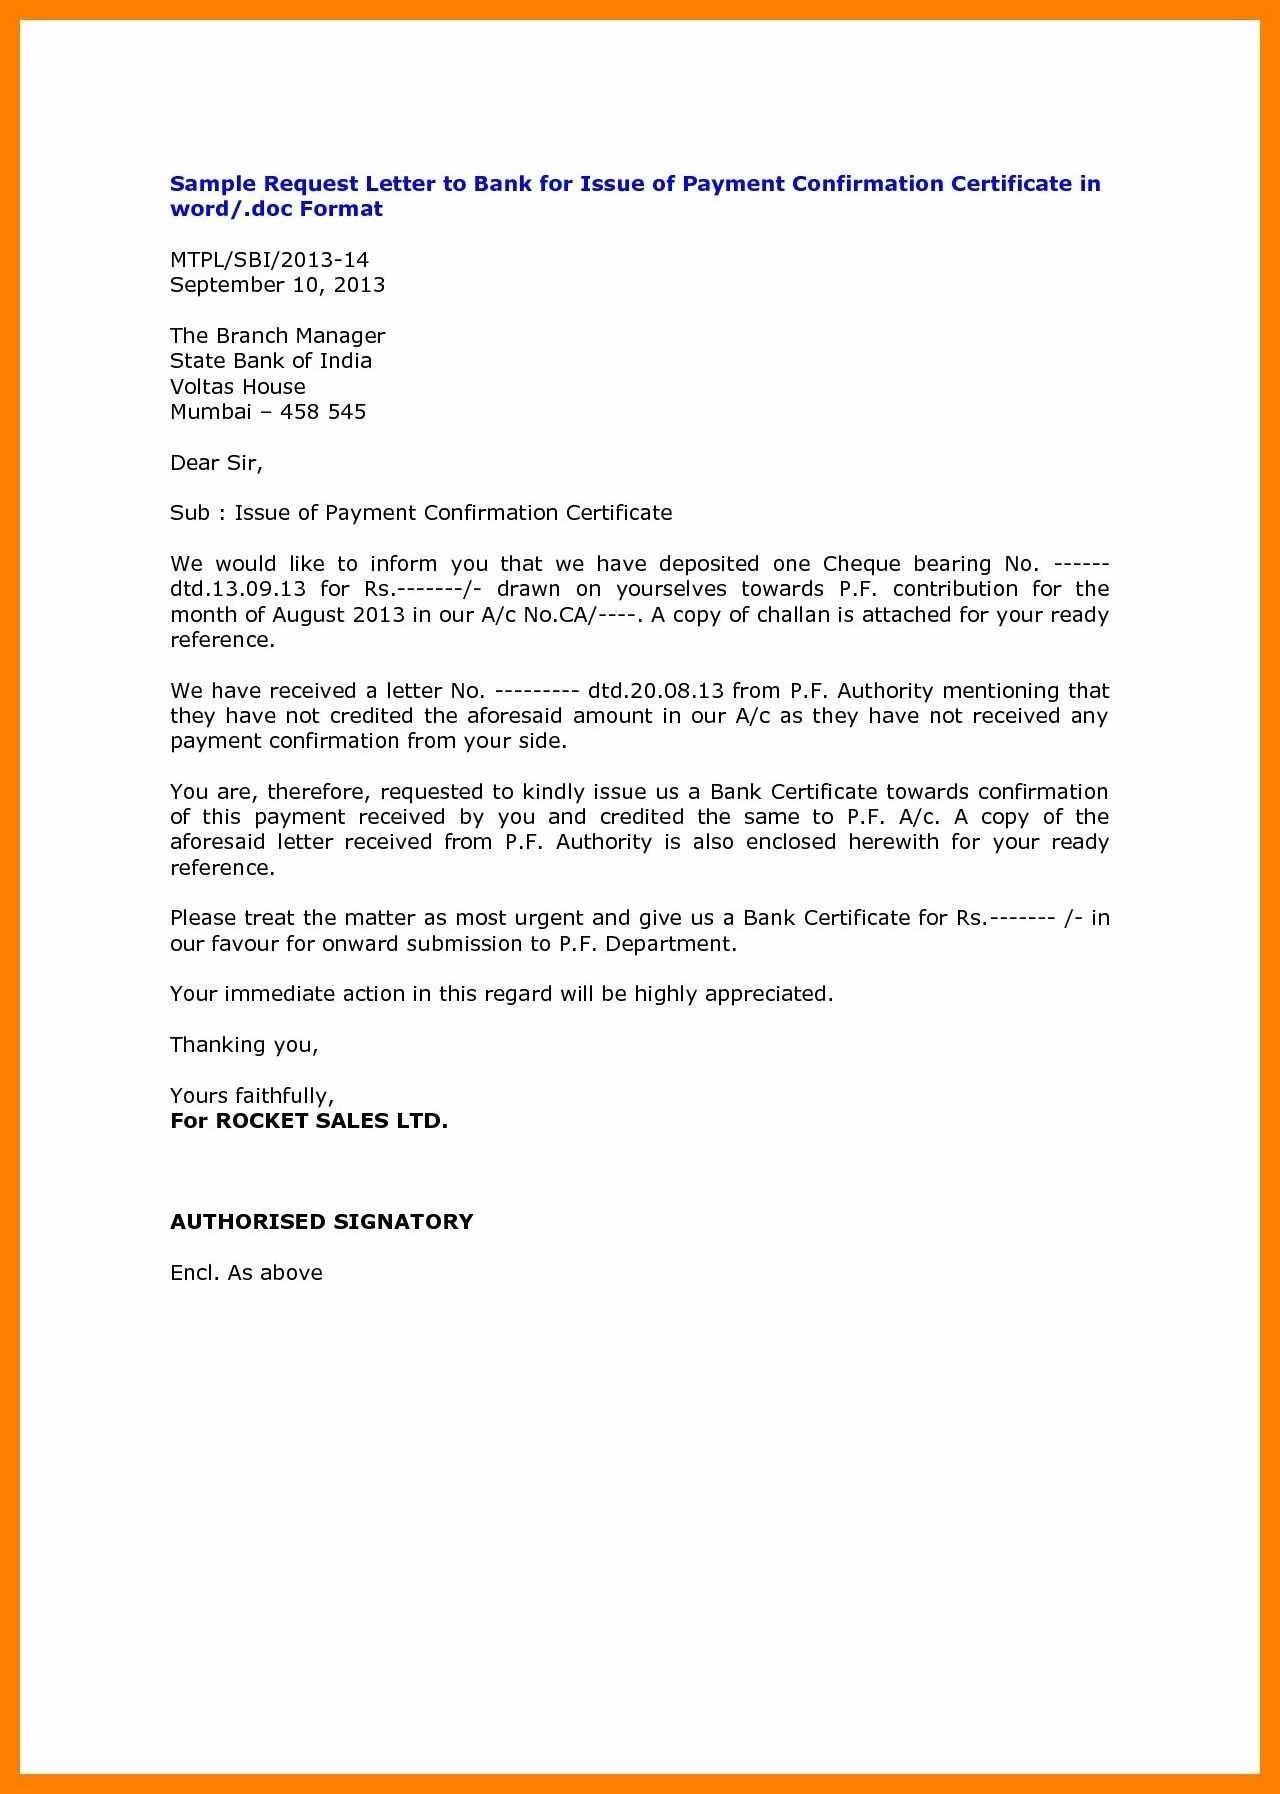 Download Fresh Confirmation Letter Of Job Offer At Https Gprime Us Confirmation Letter Of Job Offer You Can Lettering Letterhead Format Confirmation Letter